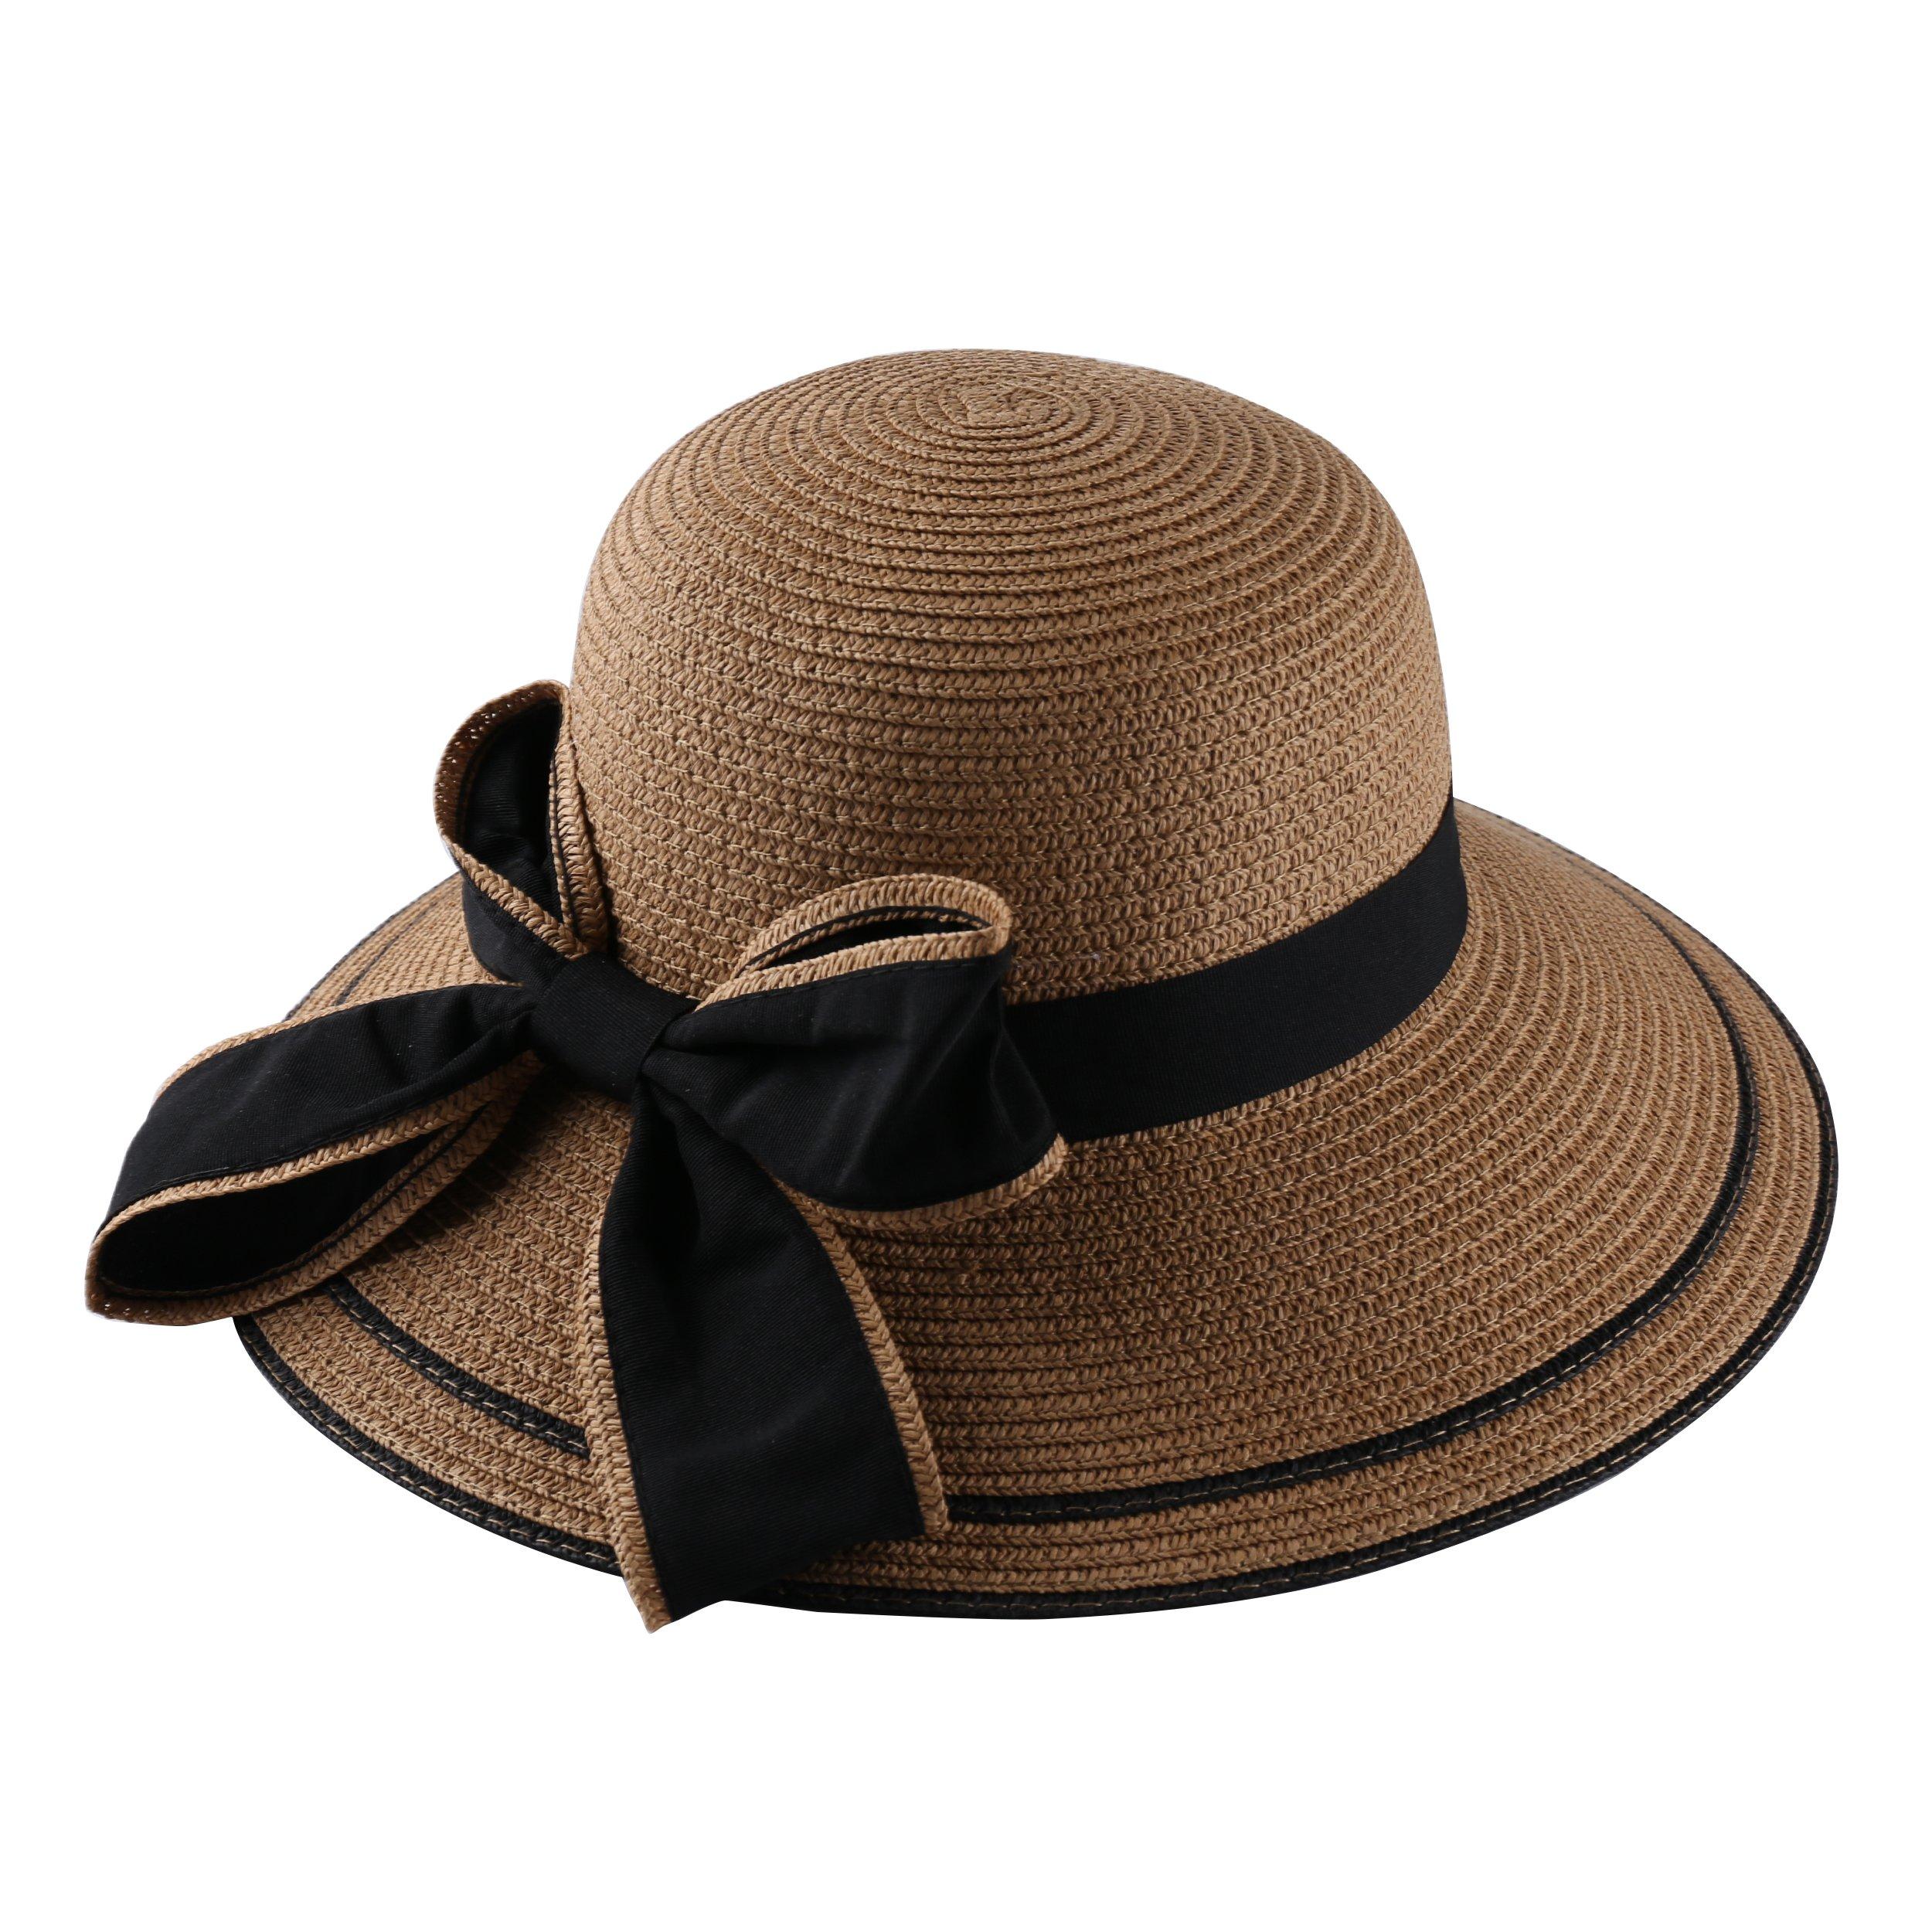 Aerusi Women's Most Milan Bucket Year Round Straw Hat, Tan, One Size